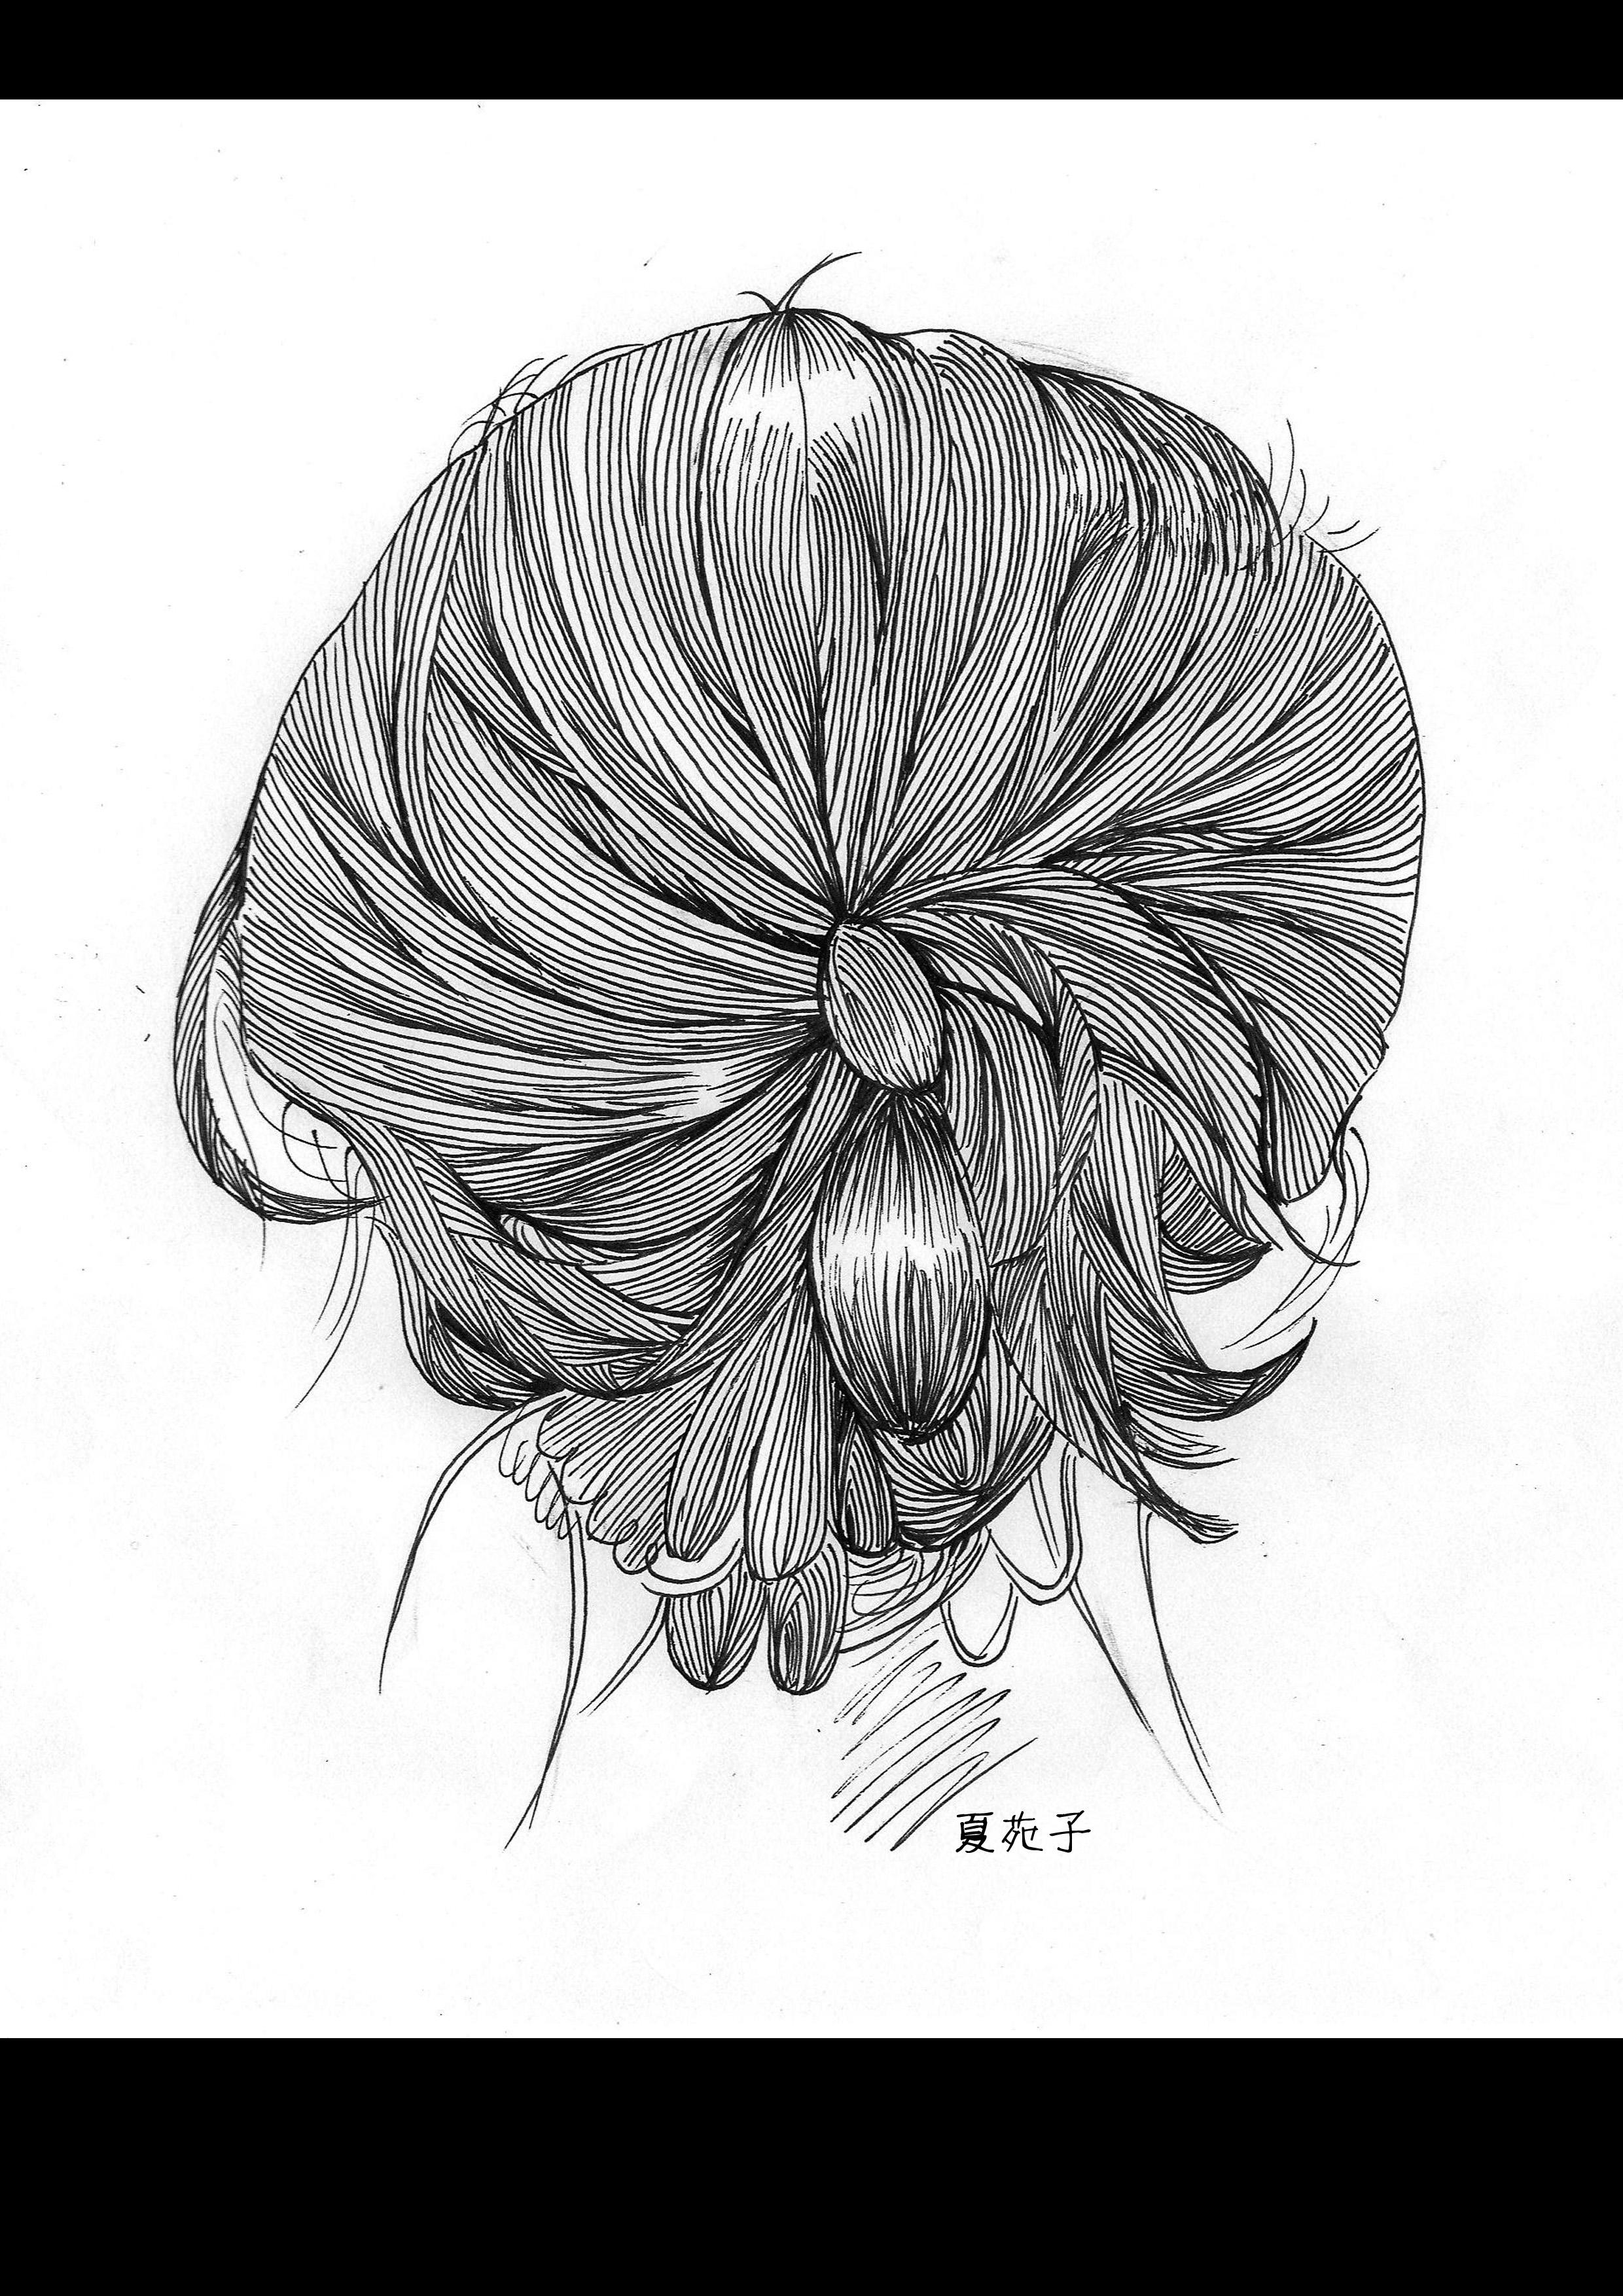 手绘头发图片唯美